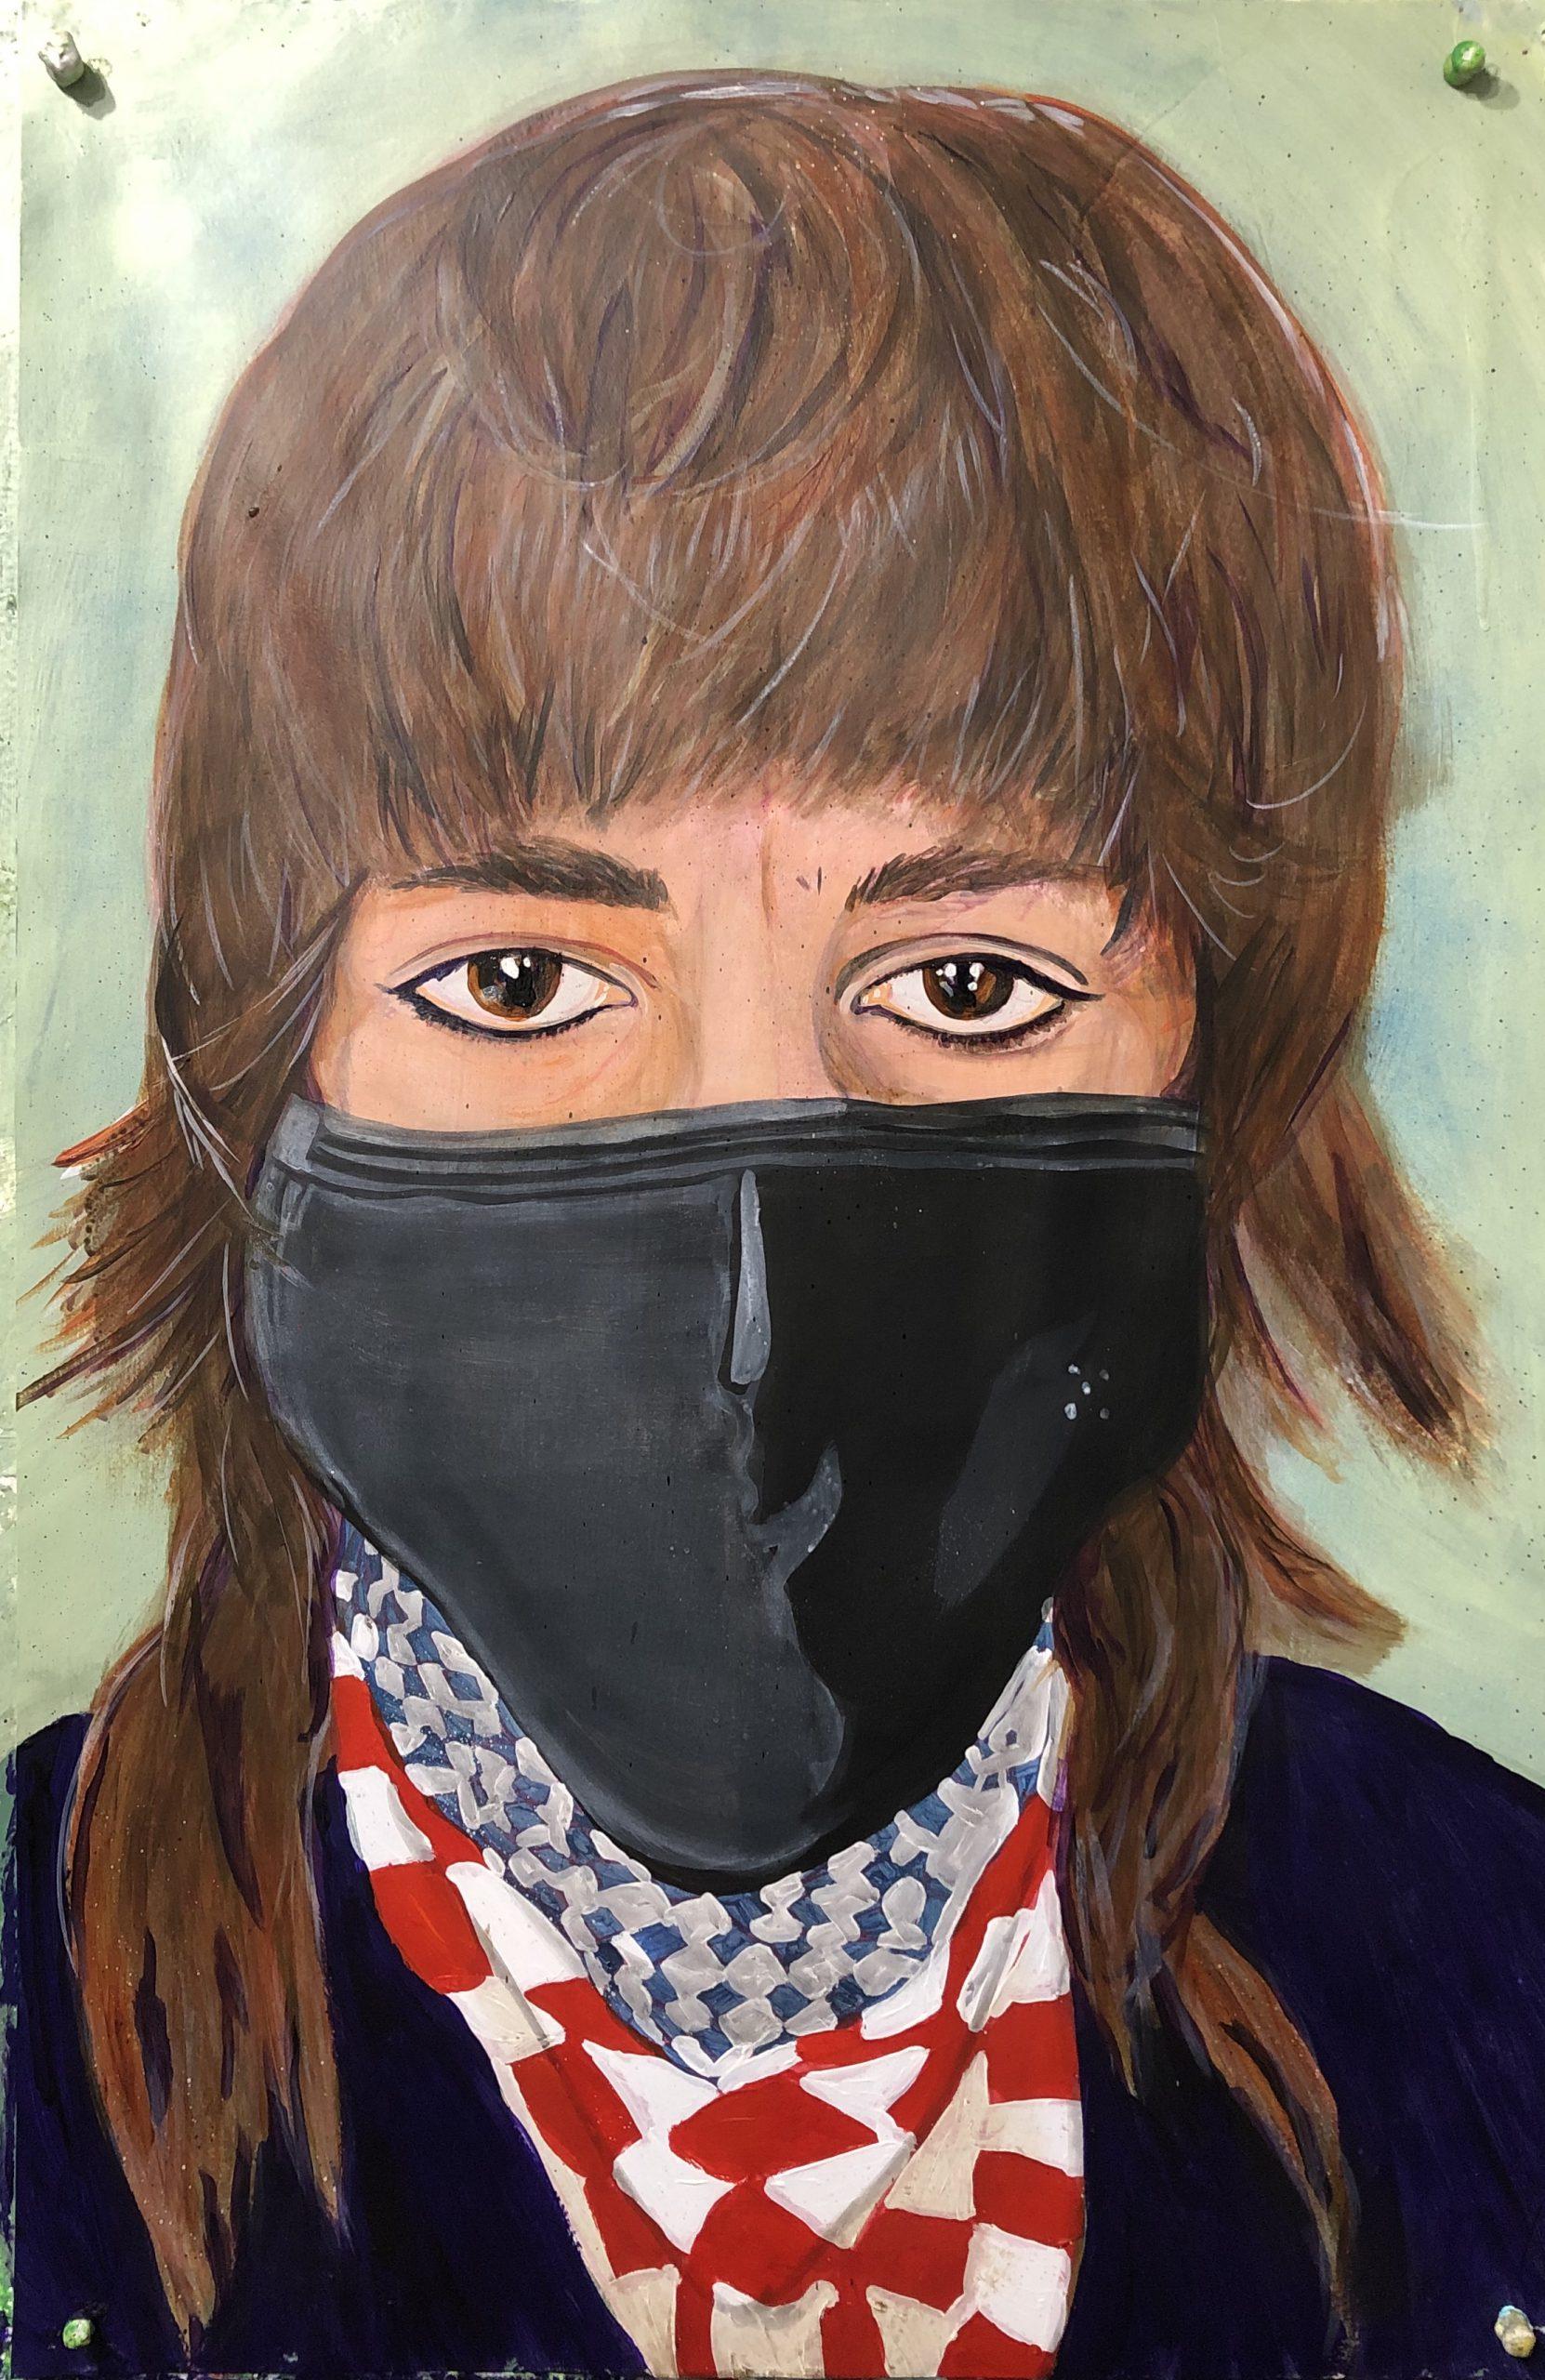 Debra-Scacco-Artistcurator-Los-Angeles-23.5x-38